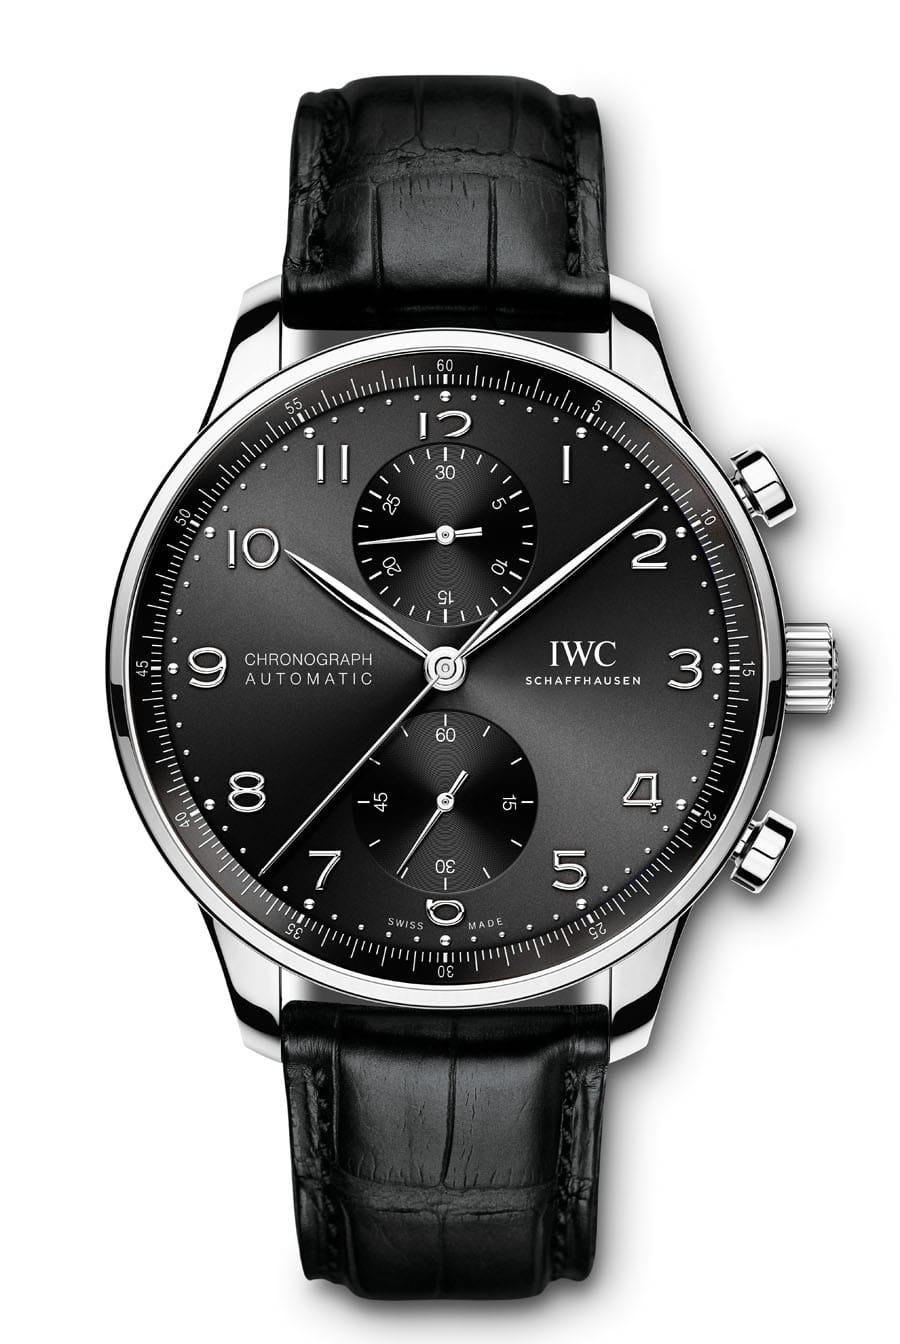 IWC: Portugieser Chronograph Referenz IW371609 in Edelstahl mit schwarzem Zifferblatt